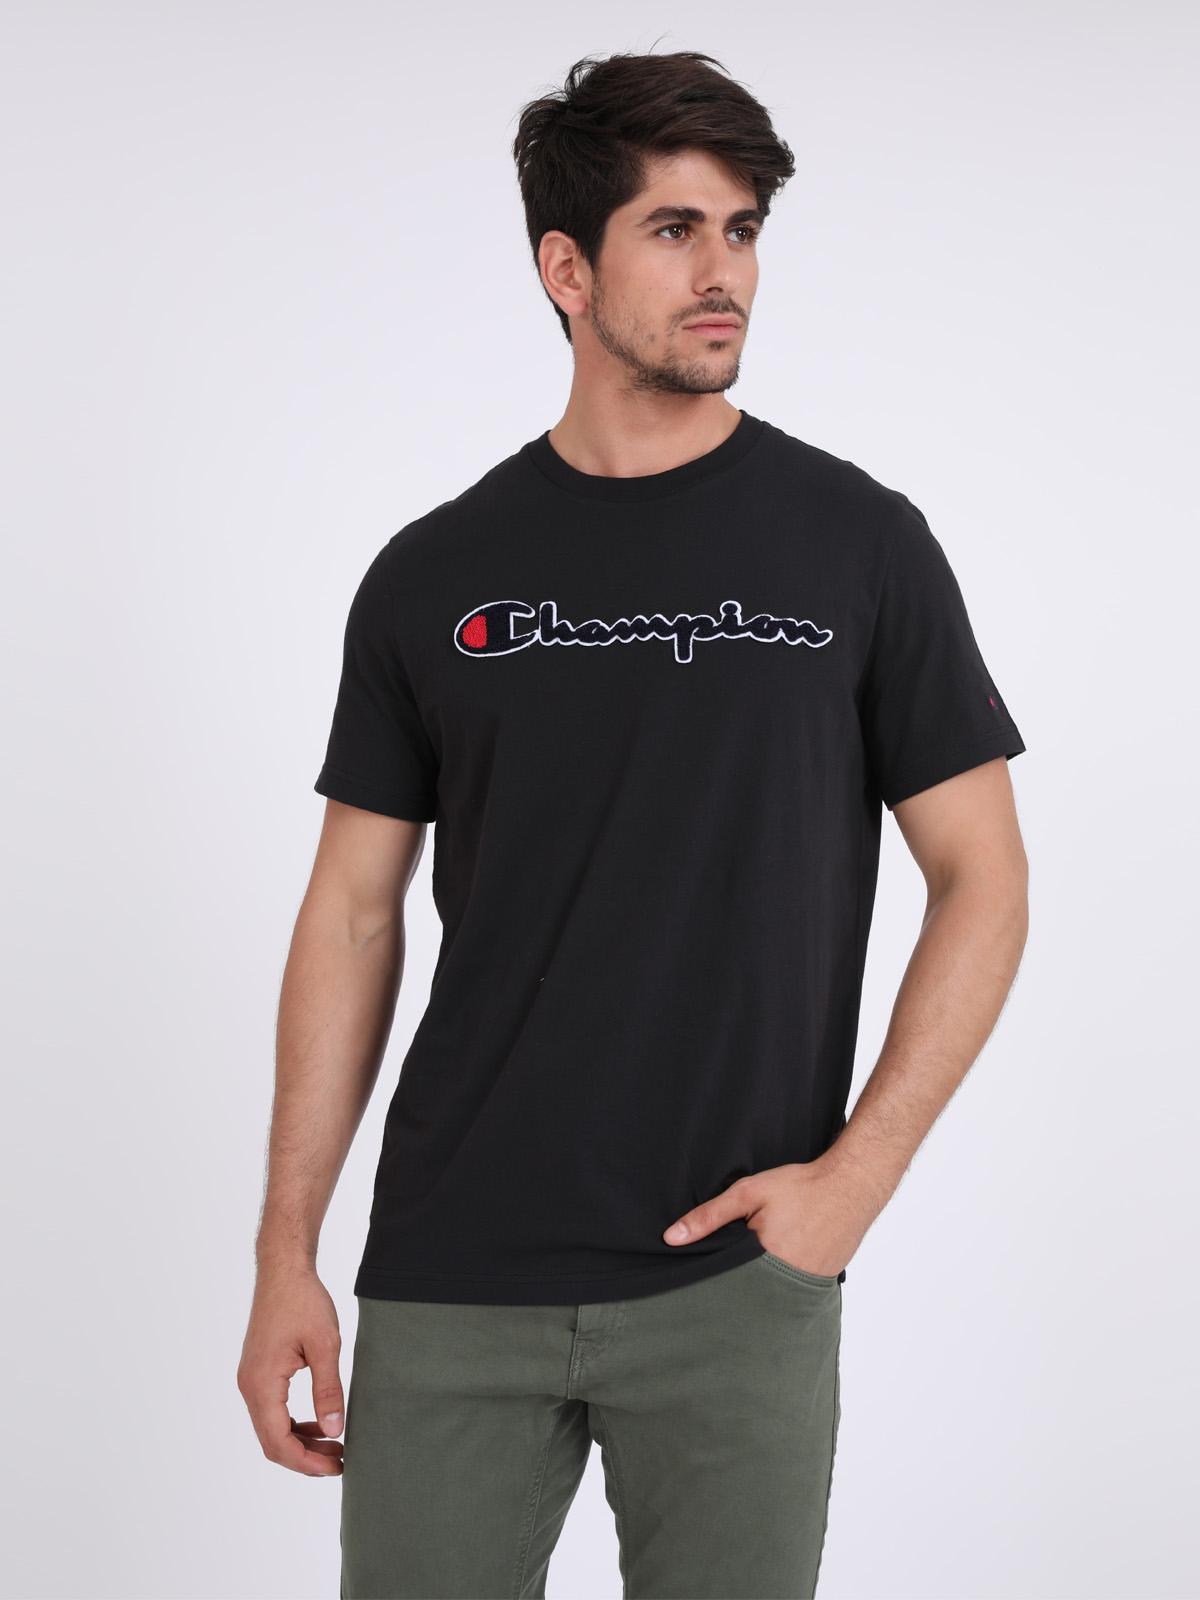 Champion גברים - חולצה בייסיק שחורה